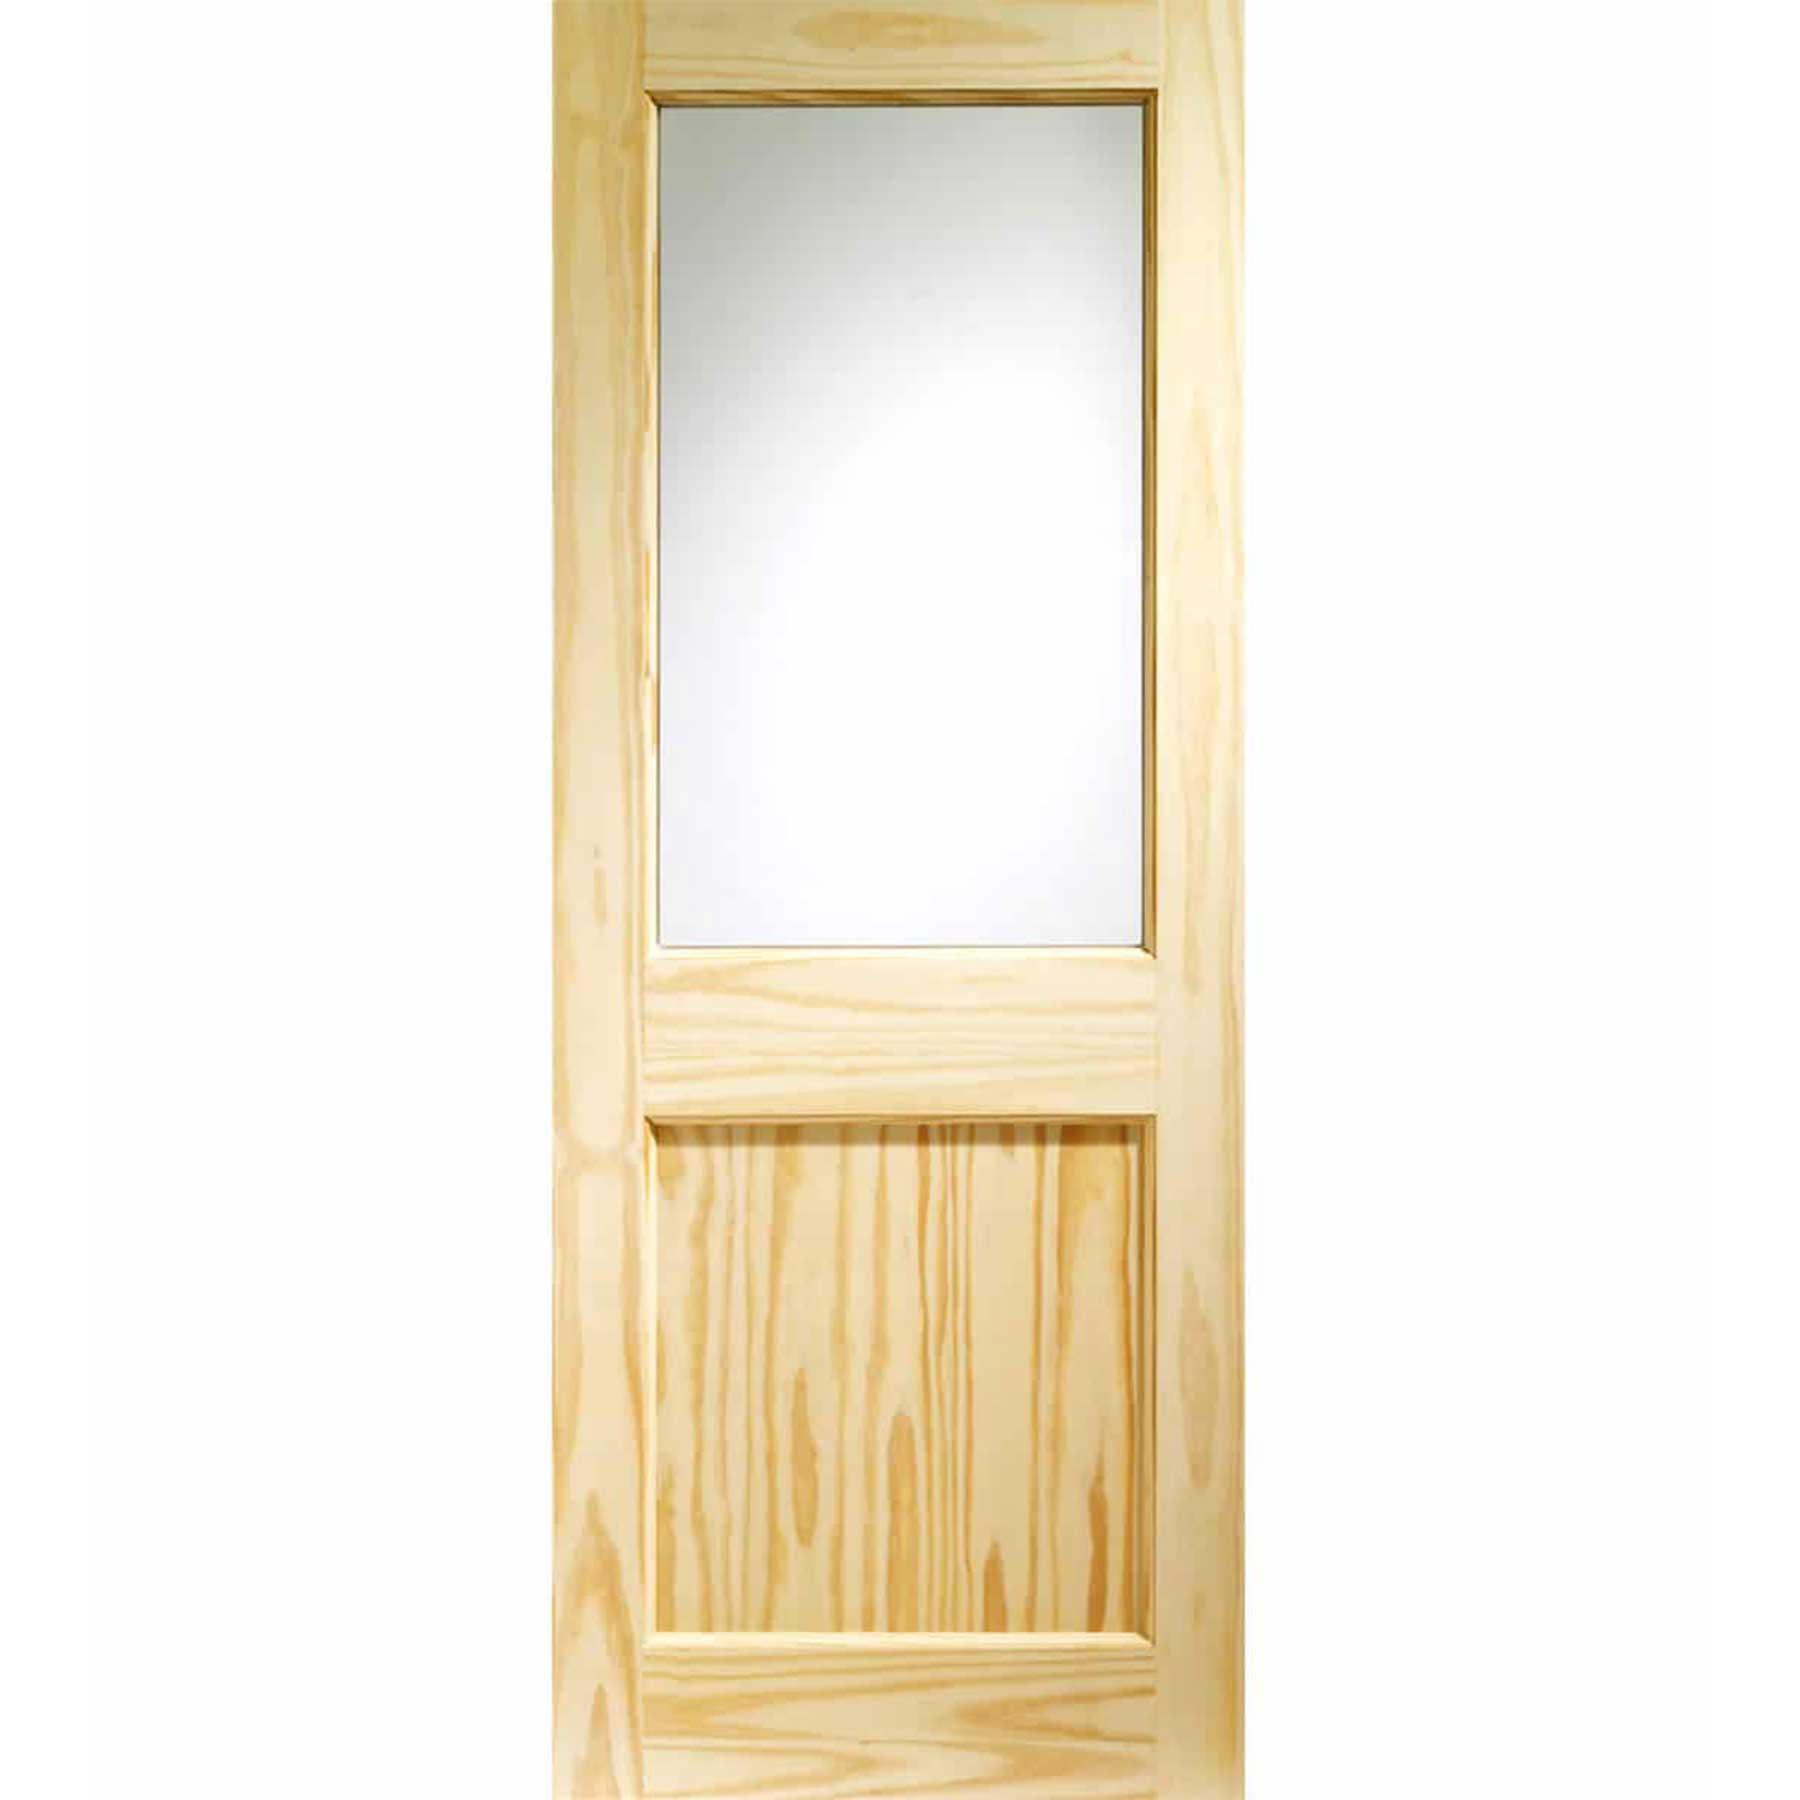 2XG Pine Exterior Door